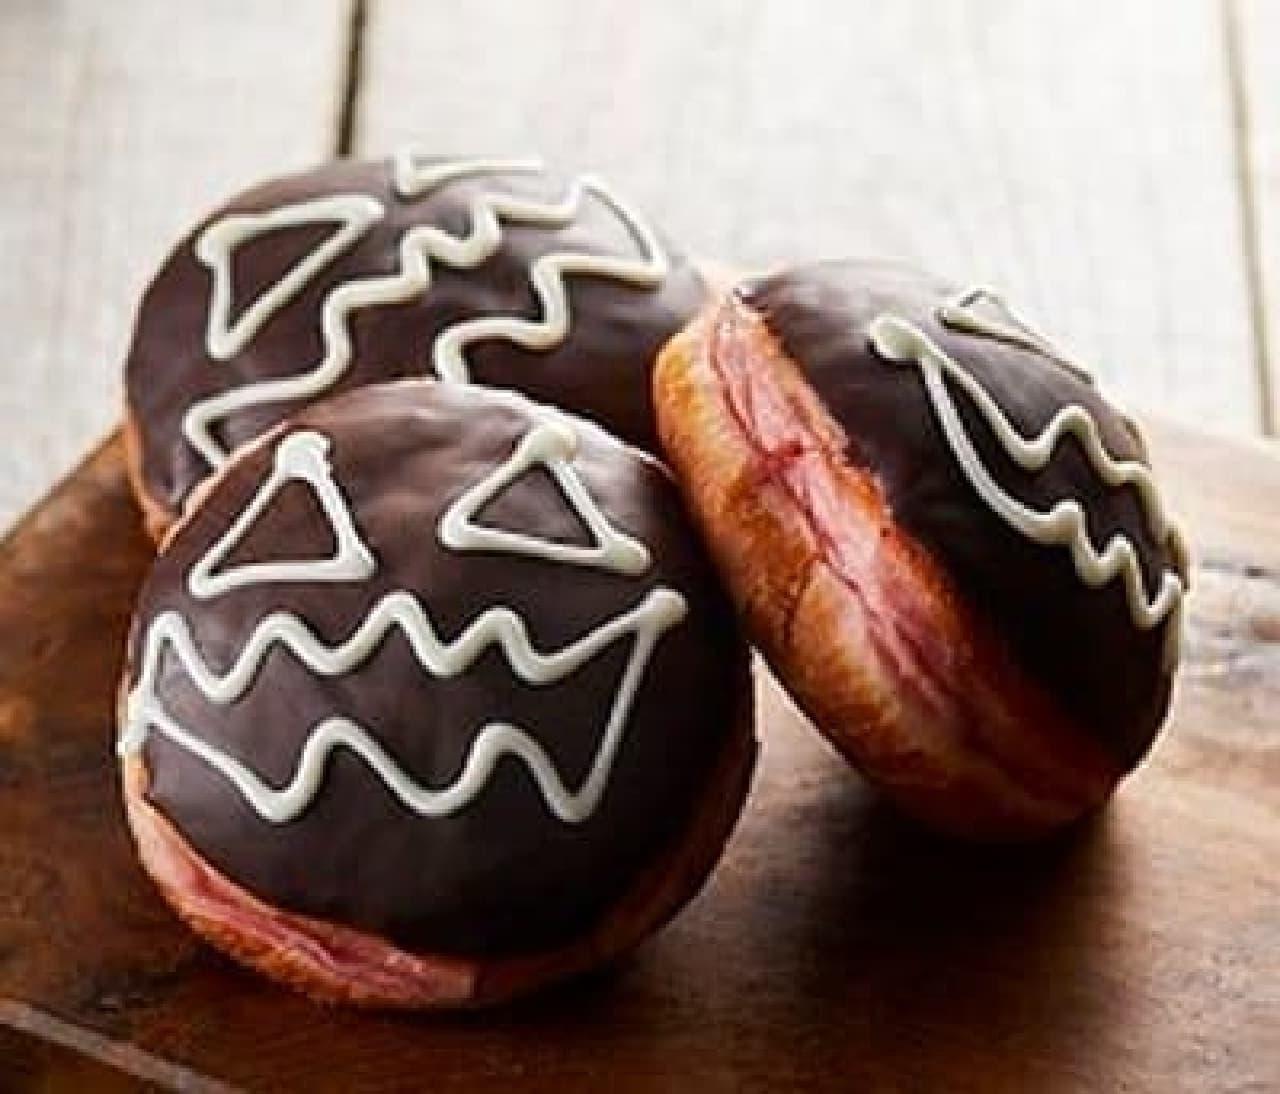 タリーズコーヒー「紫芋のハロウィンドーナツ」